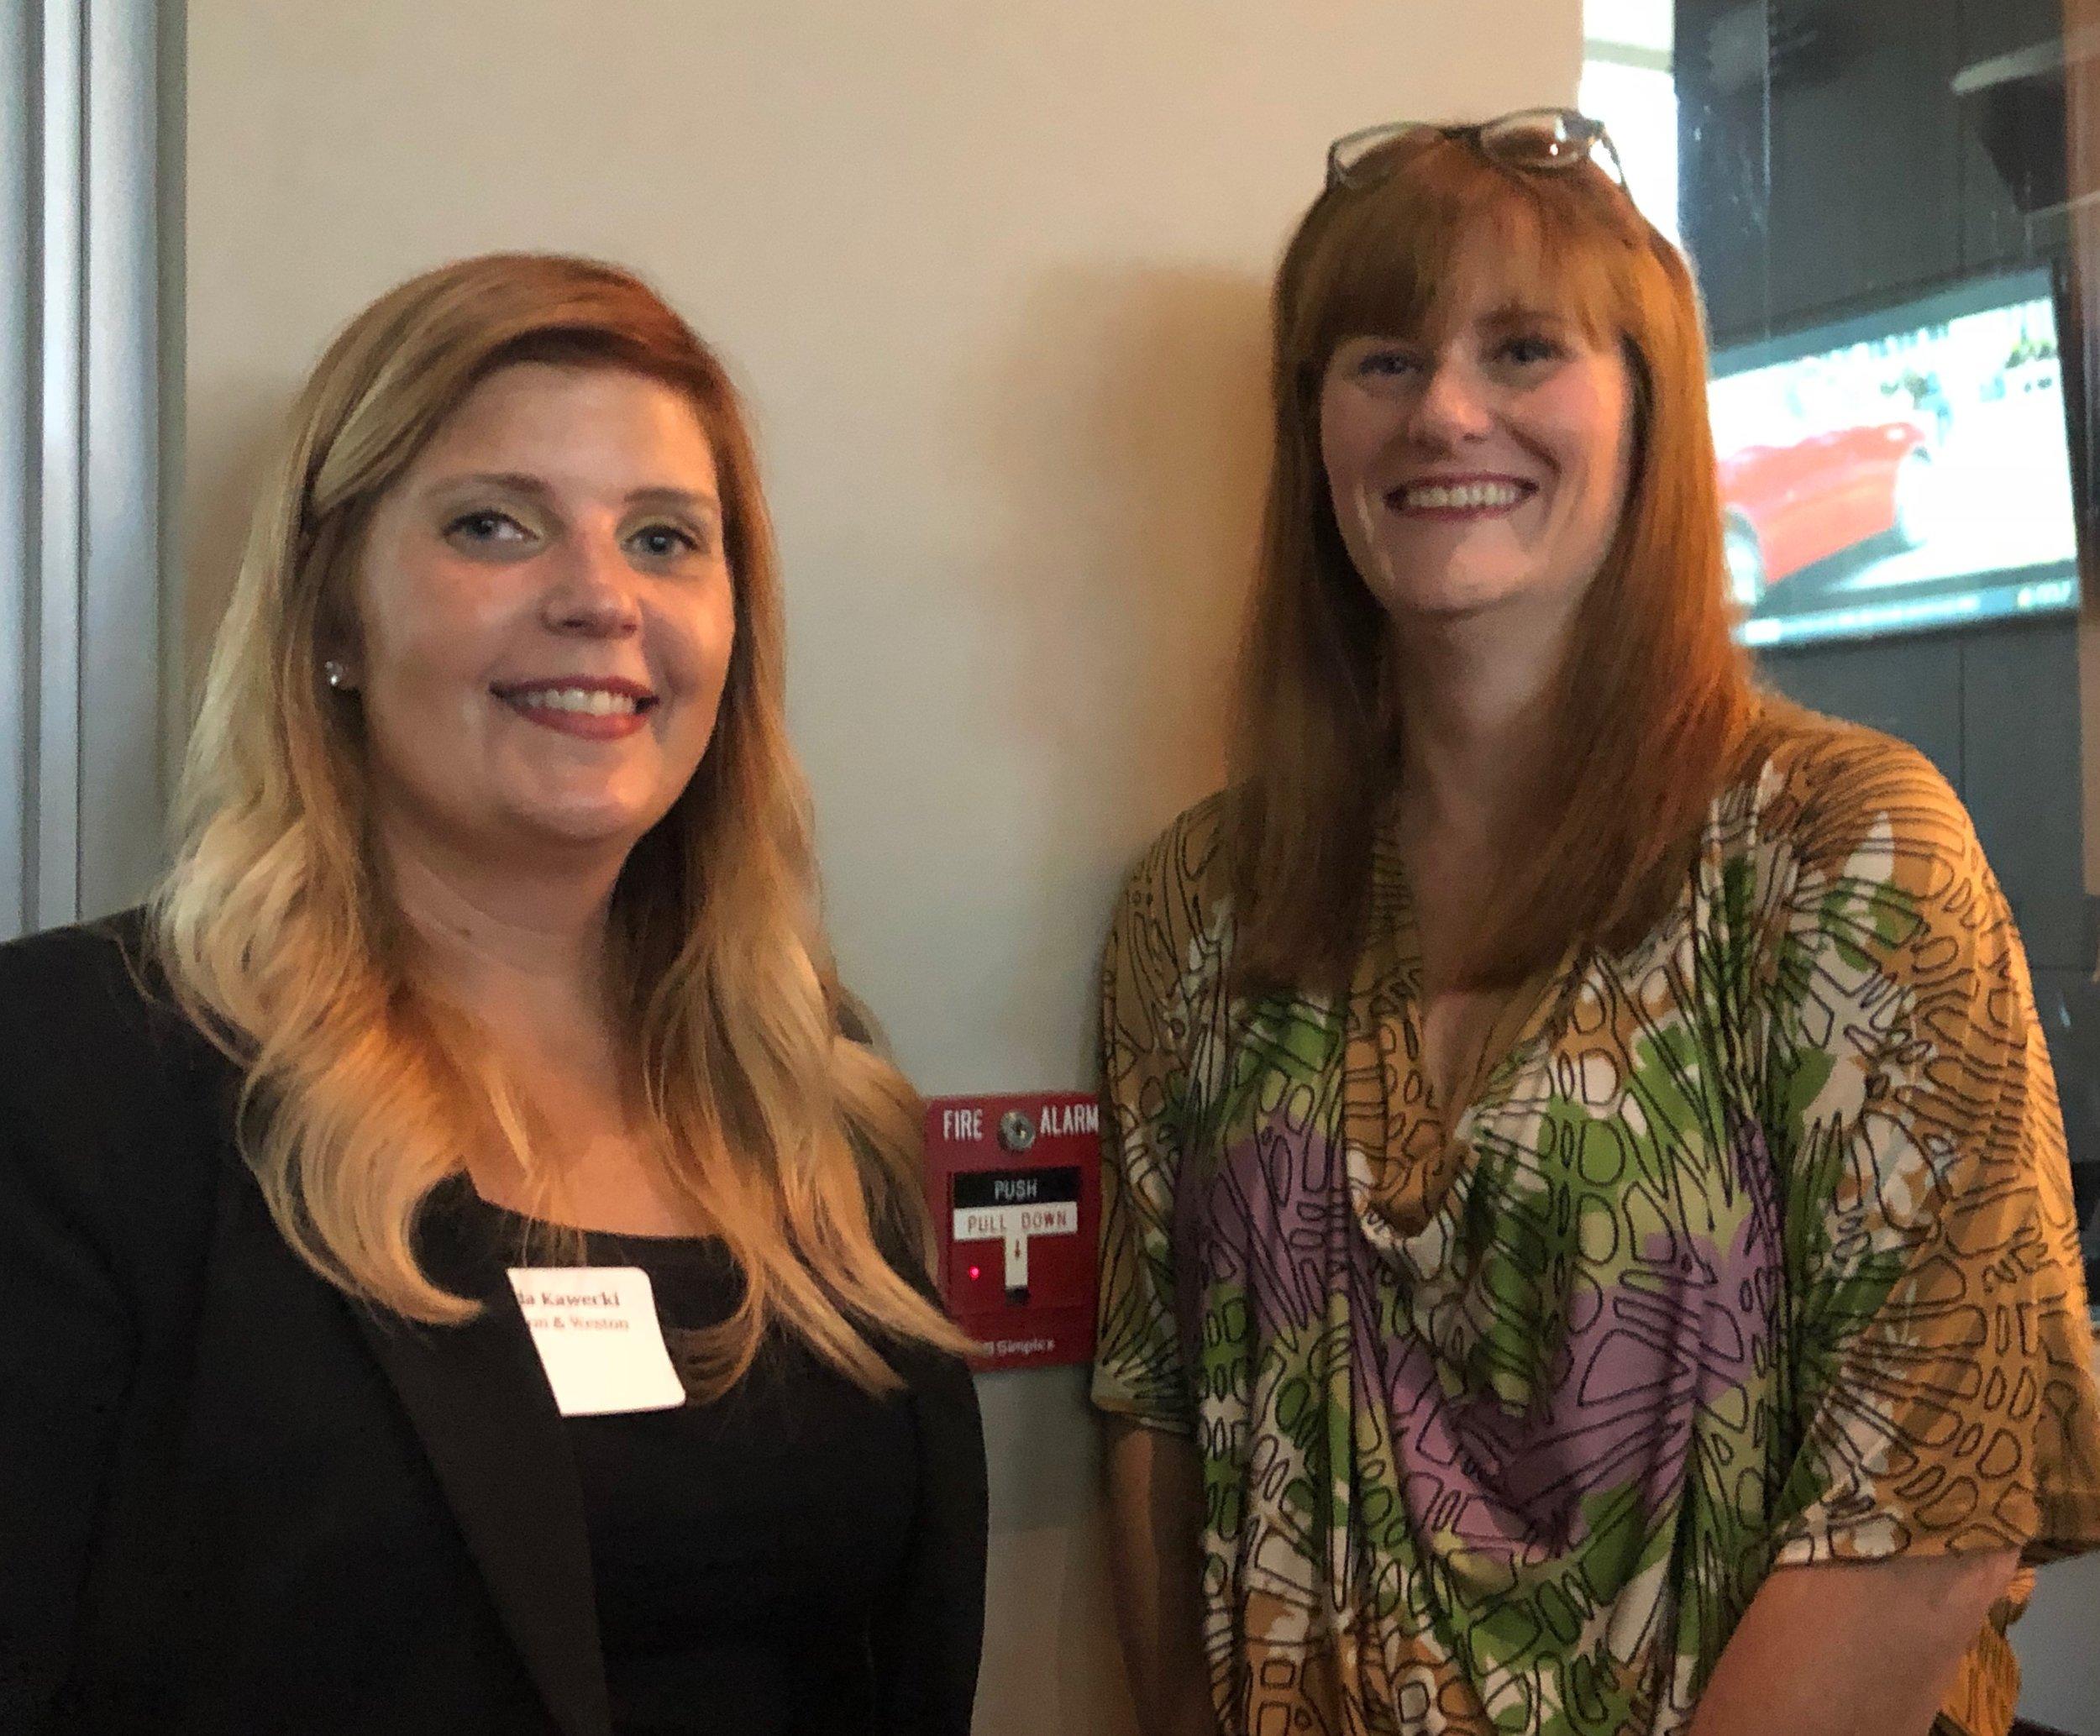 Amanda Kawecki and Keri Norbraten